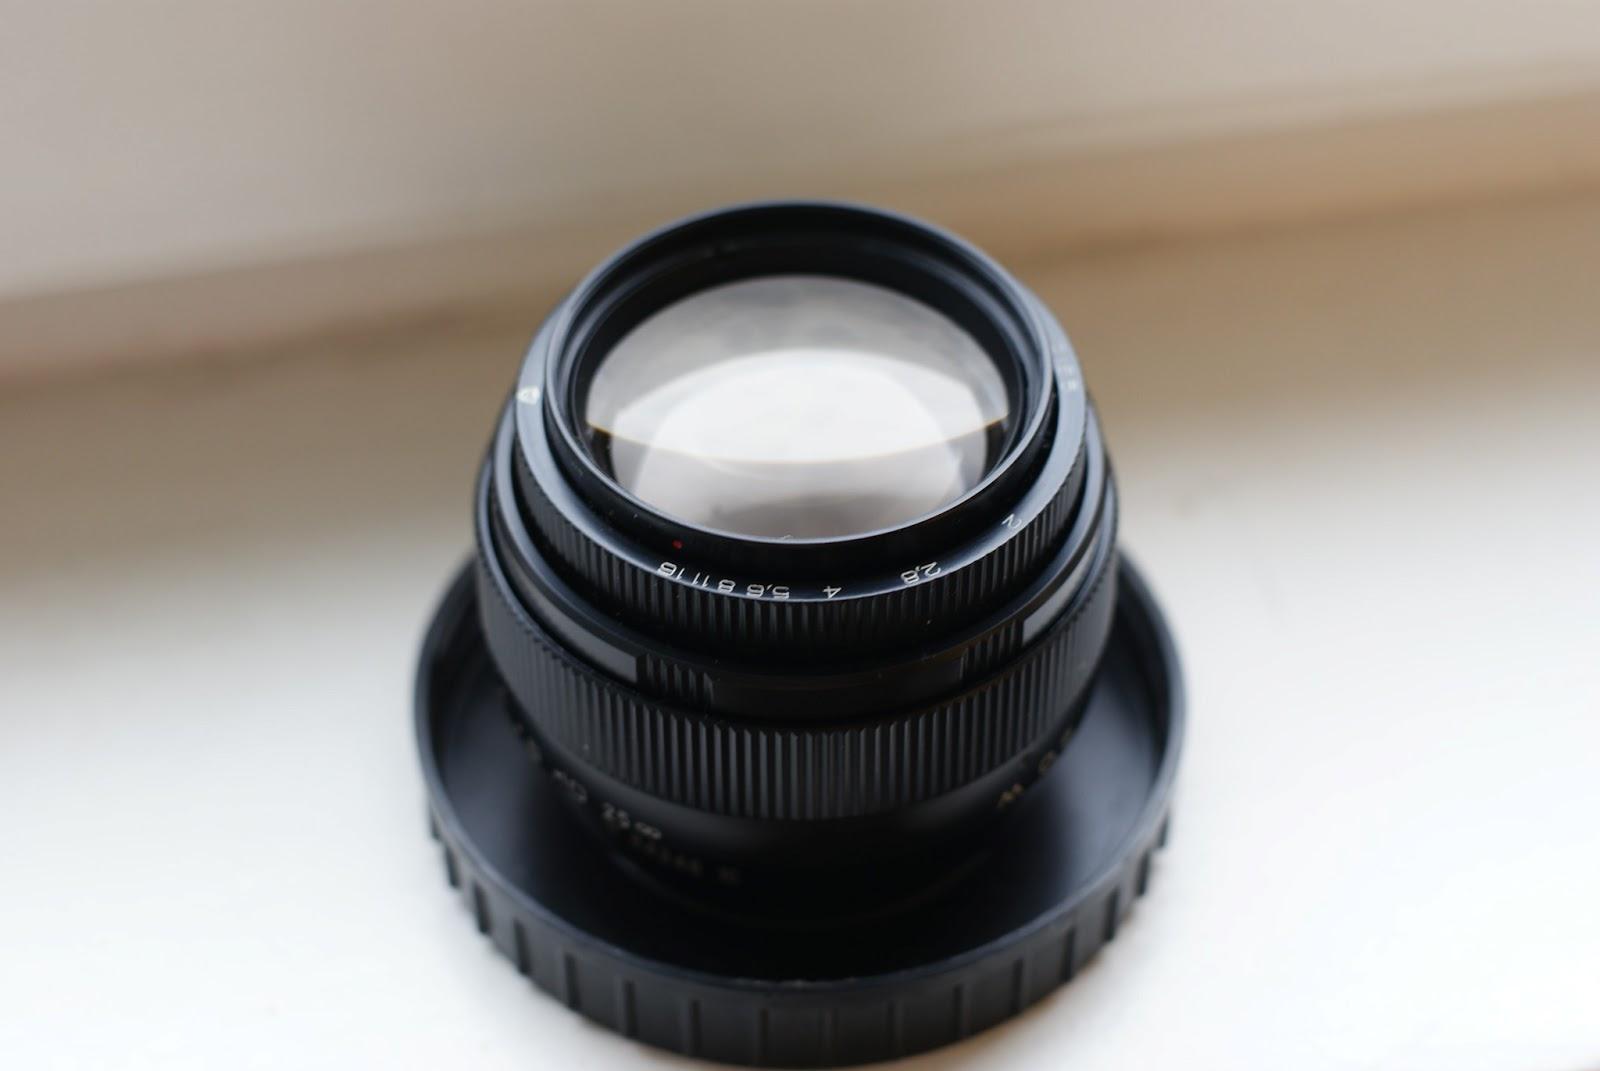 Jupiter 9 85mm f2.0